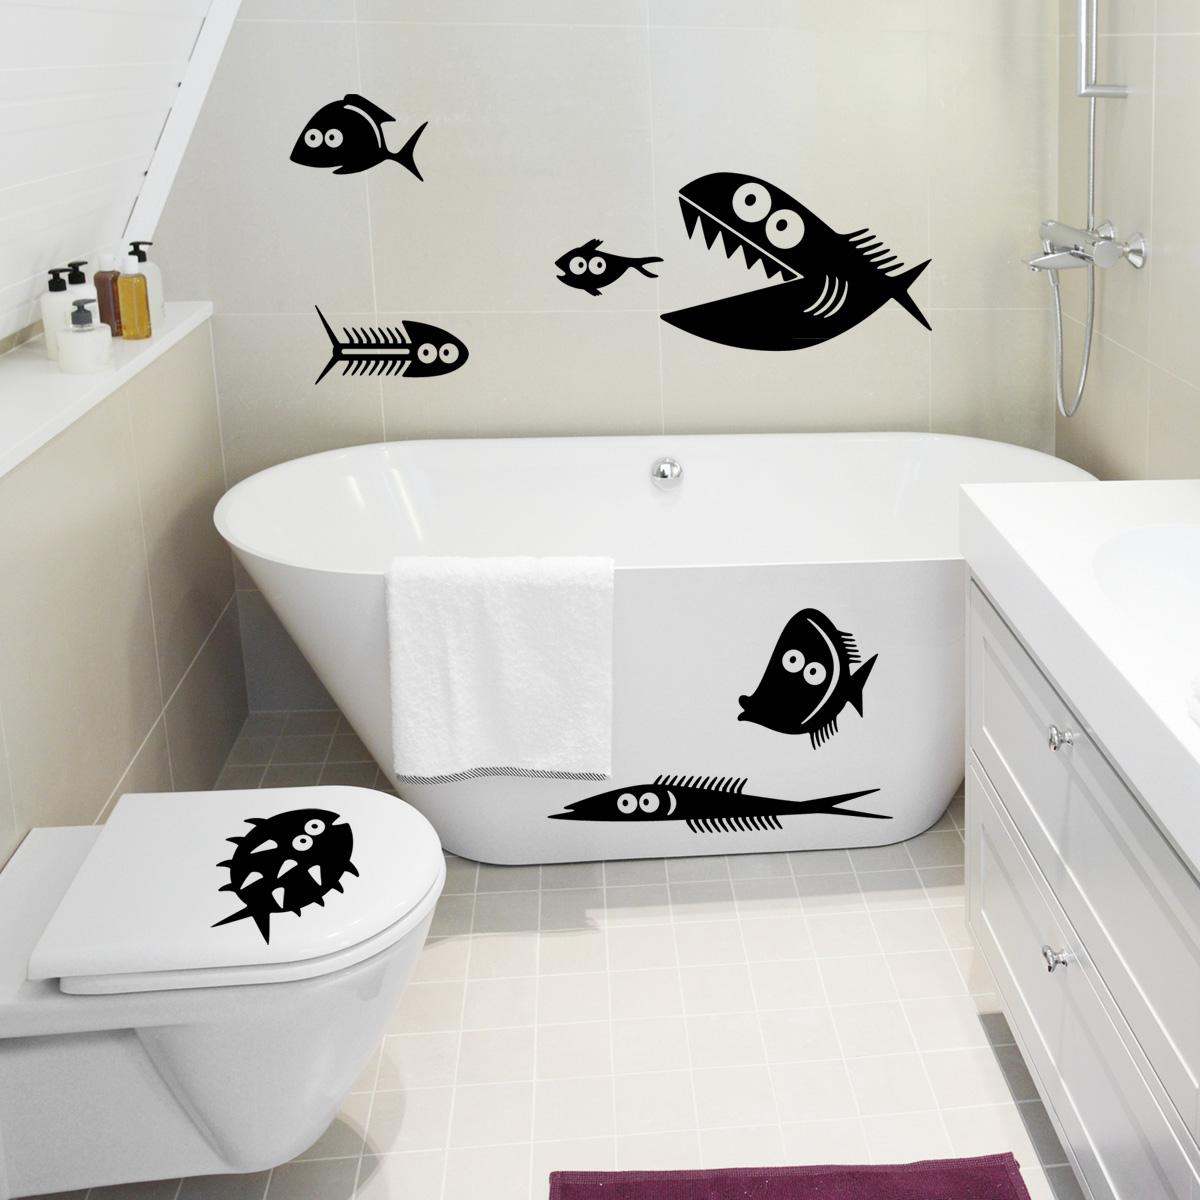 stickers muraux pour salle de bain sticker mural poissons dr les ambiance. Black Bedroom Furniture Sets. Home Design Ideas